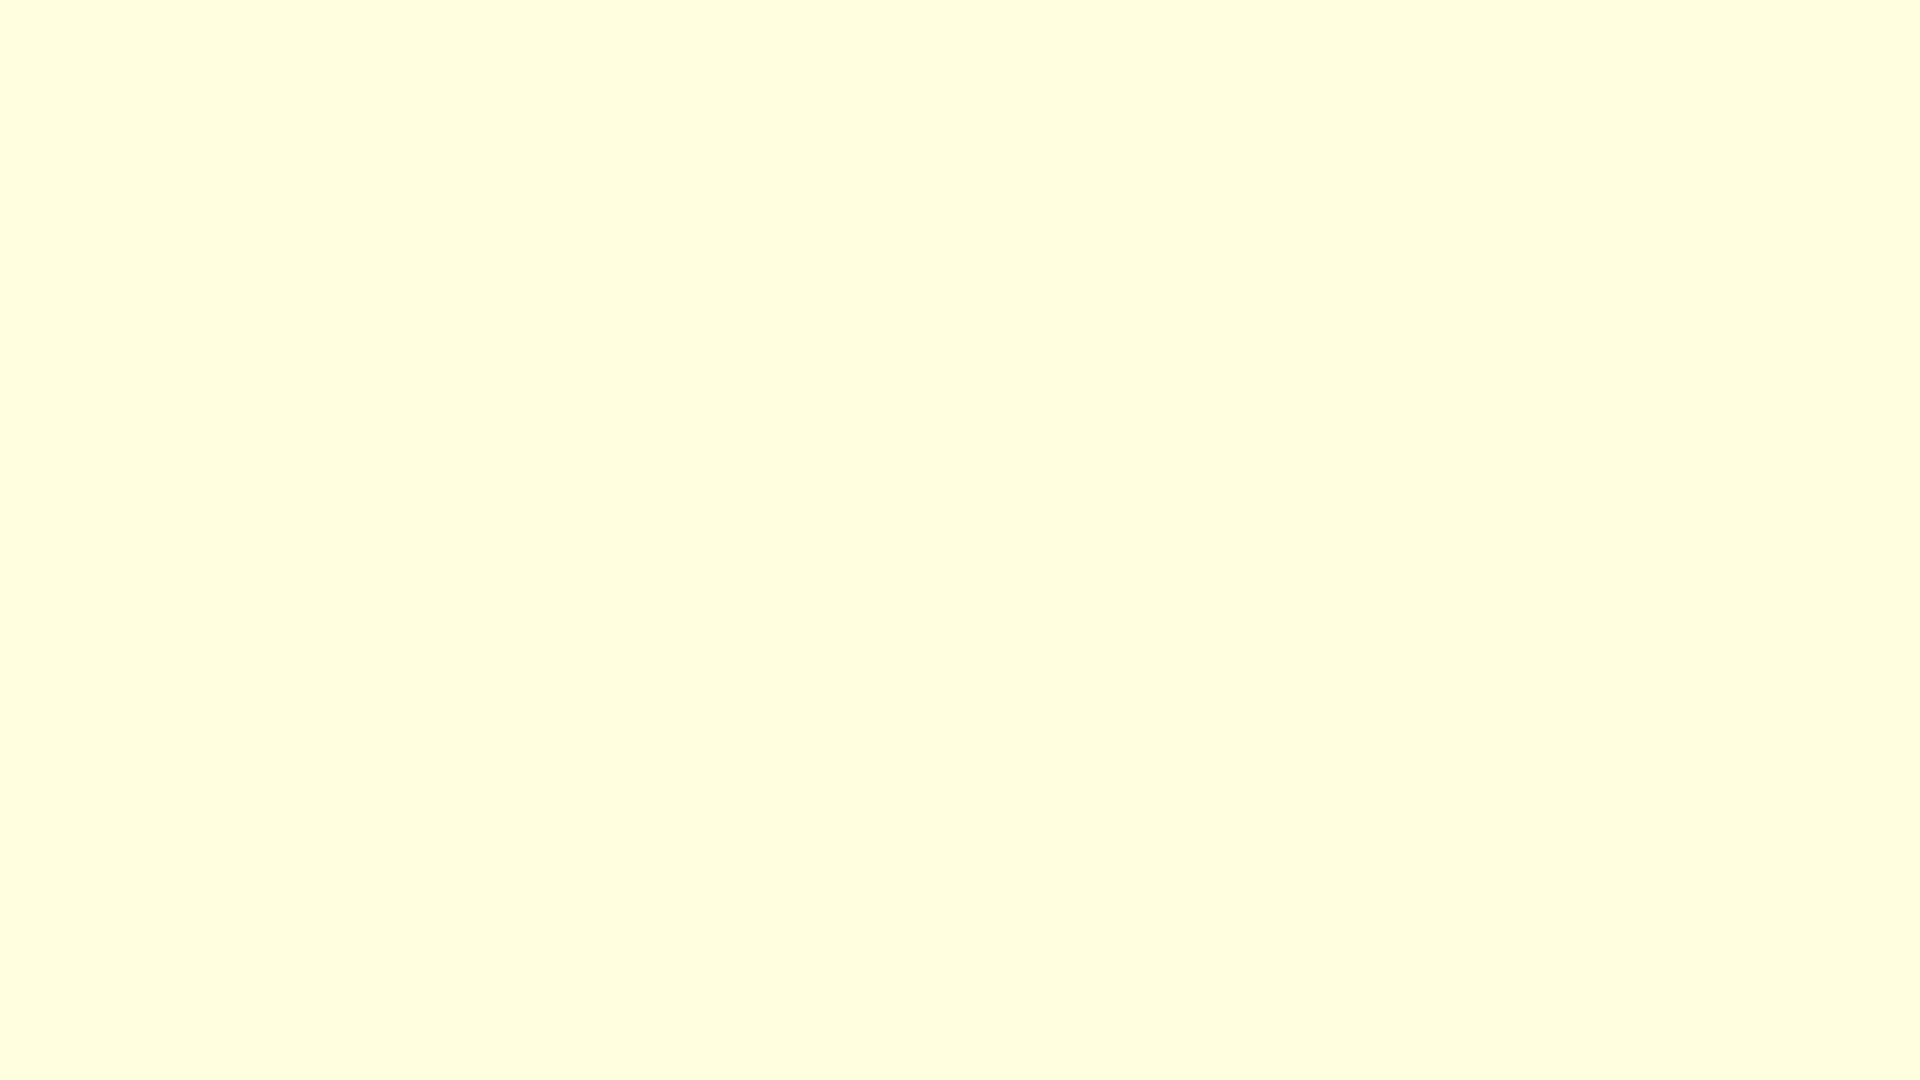 1920x1080 Hình nền rắn màu vàng